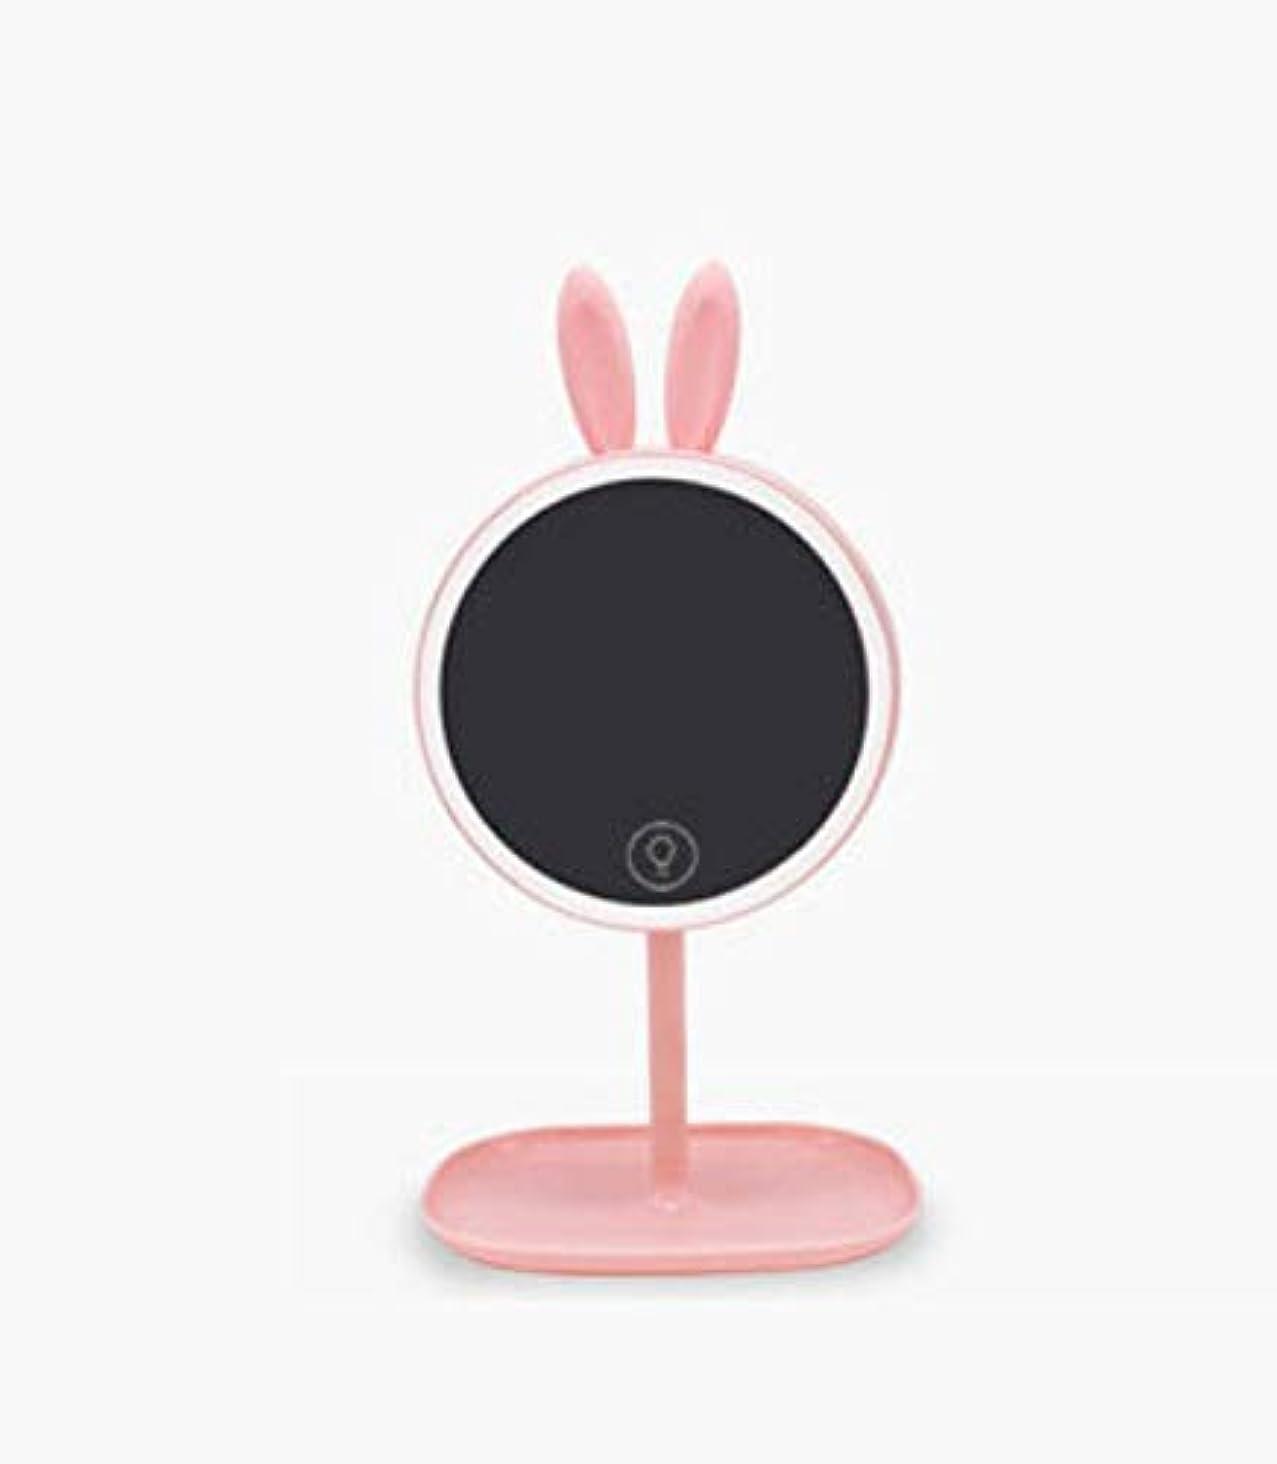 散歩フレッシュ暴力的な化粧鏡、かわいい軽い耳の化粧鏡テーブルランプ付きLedライト化粧ギフト (Color : ピンク)